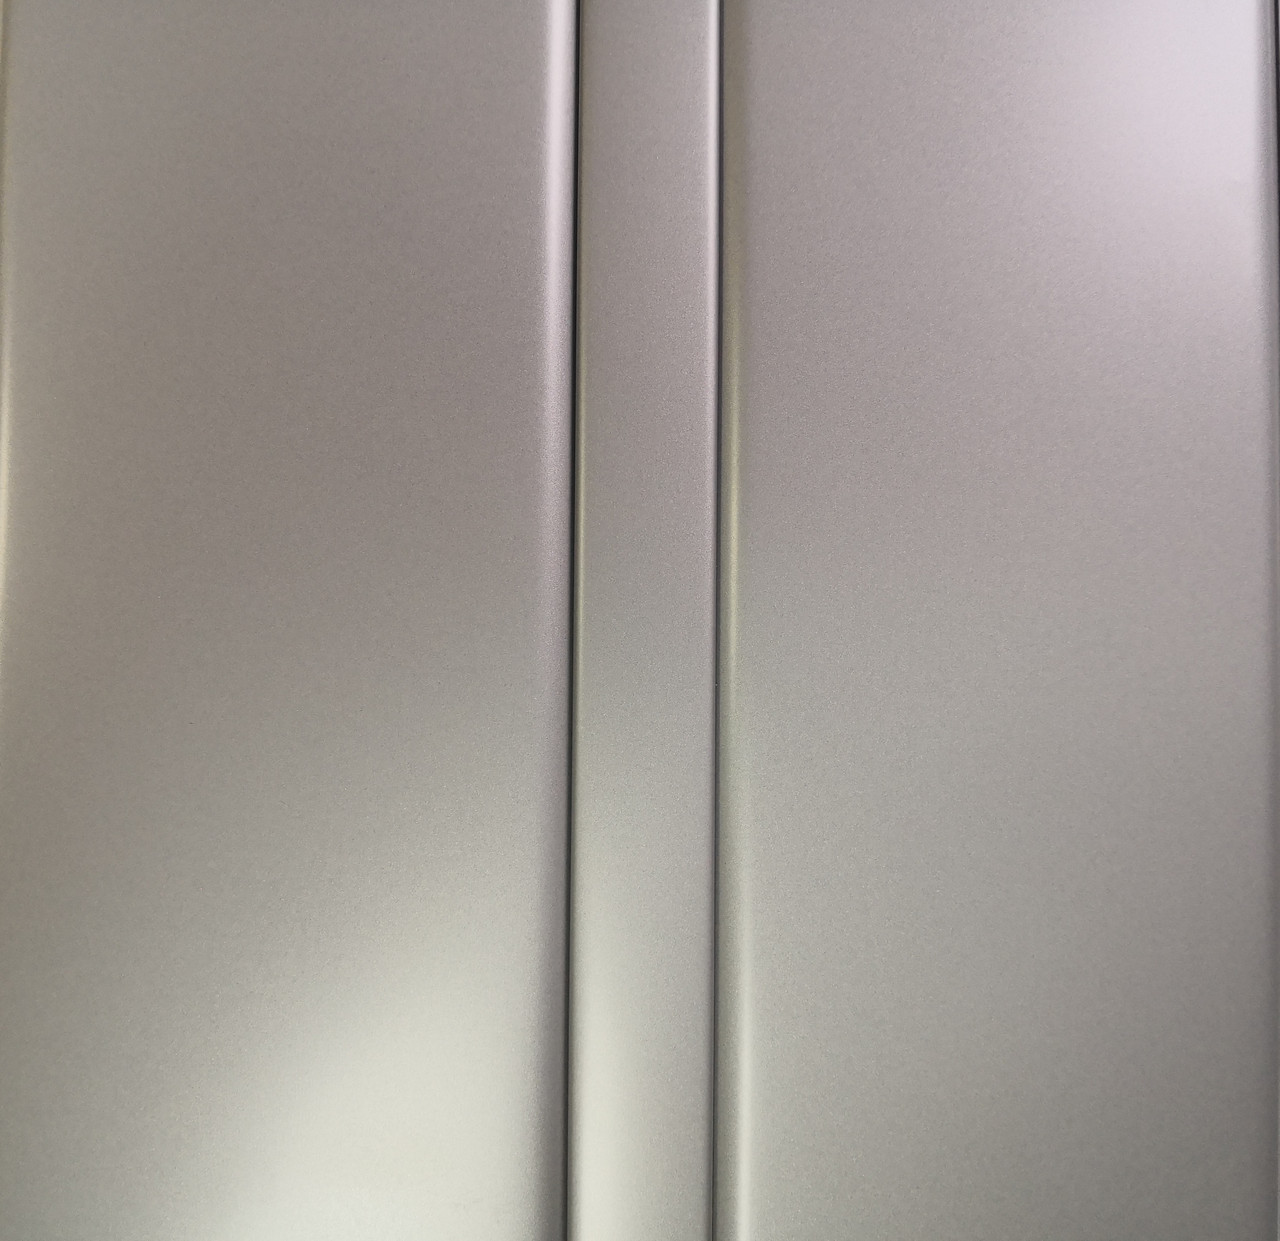 Рейкова алюмінієва стеля Allux срібло металік комплект 300 см х 330 см